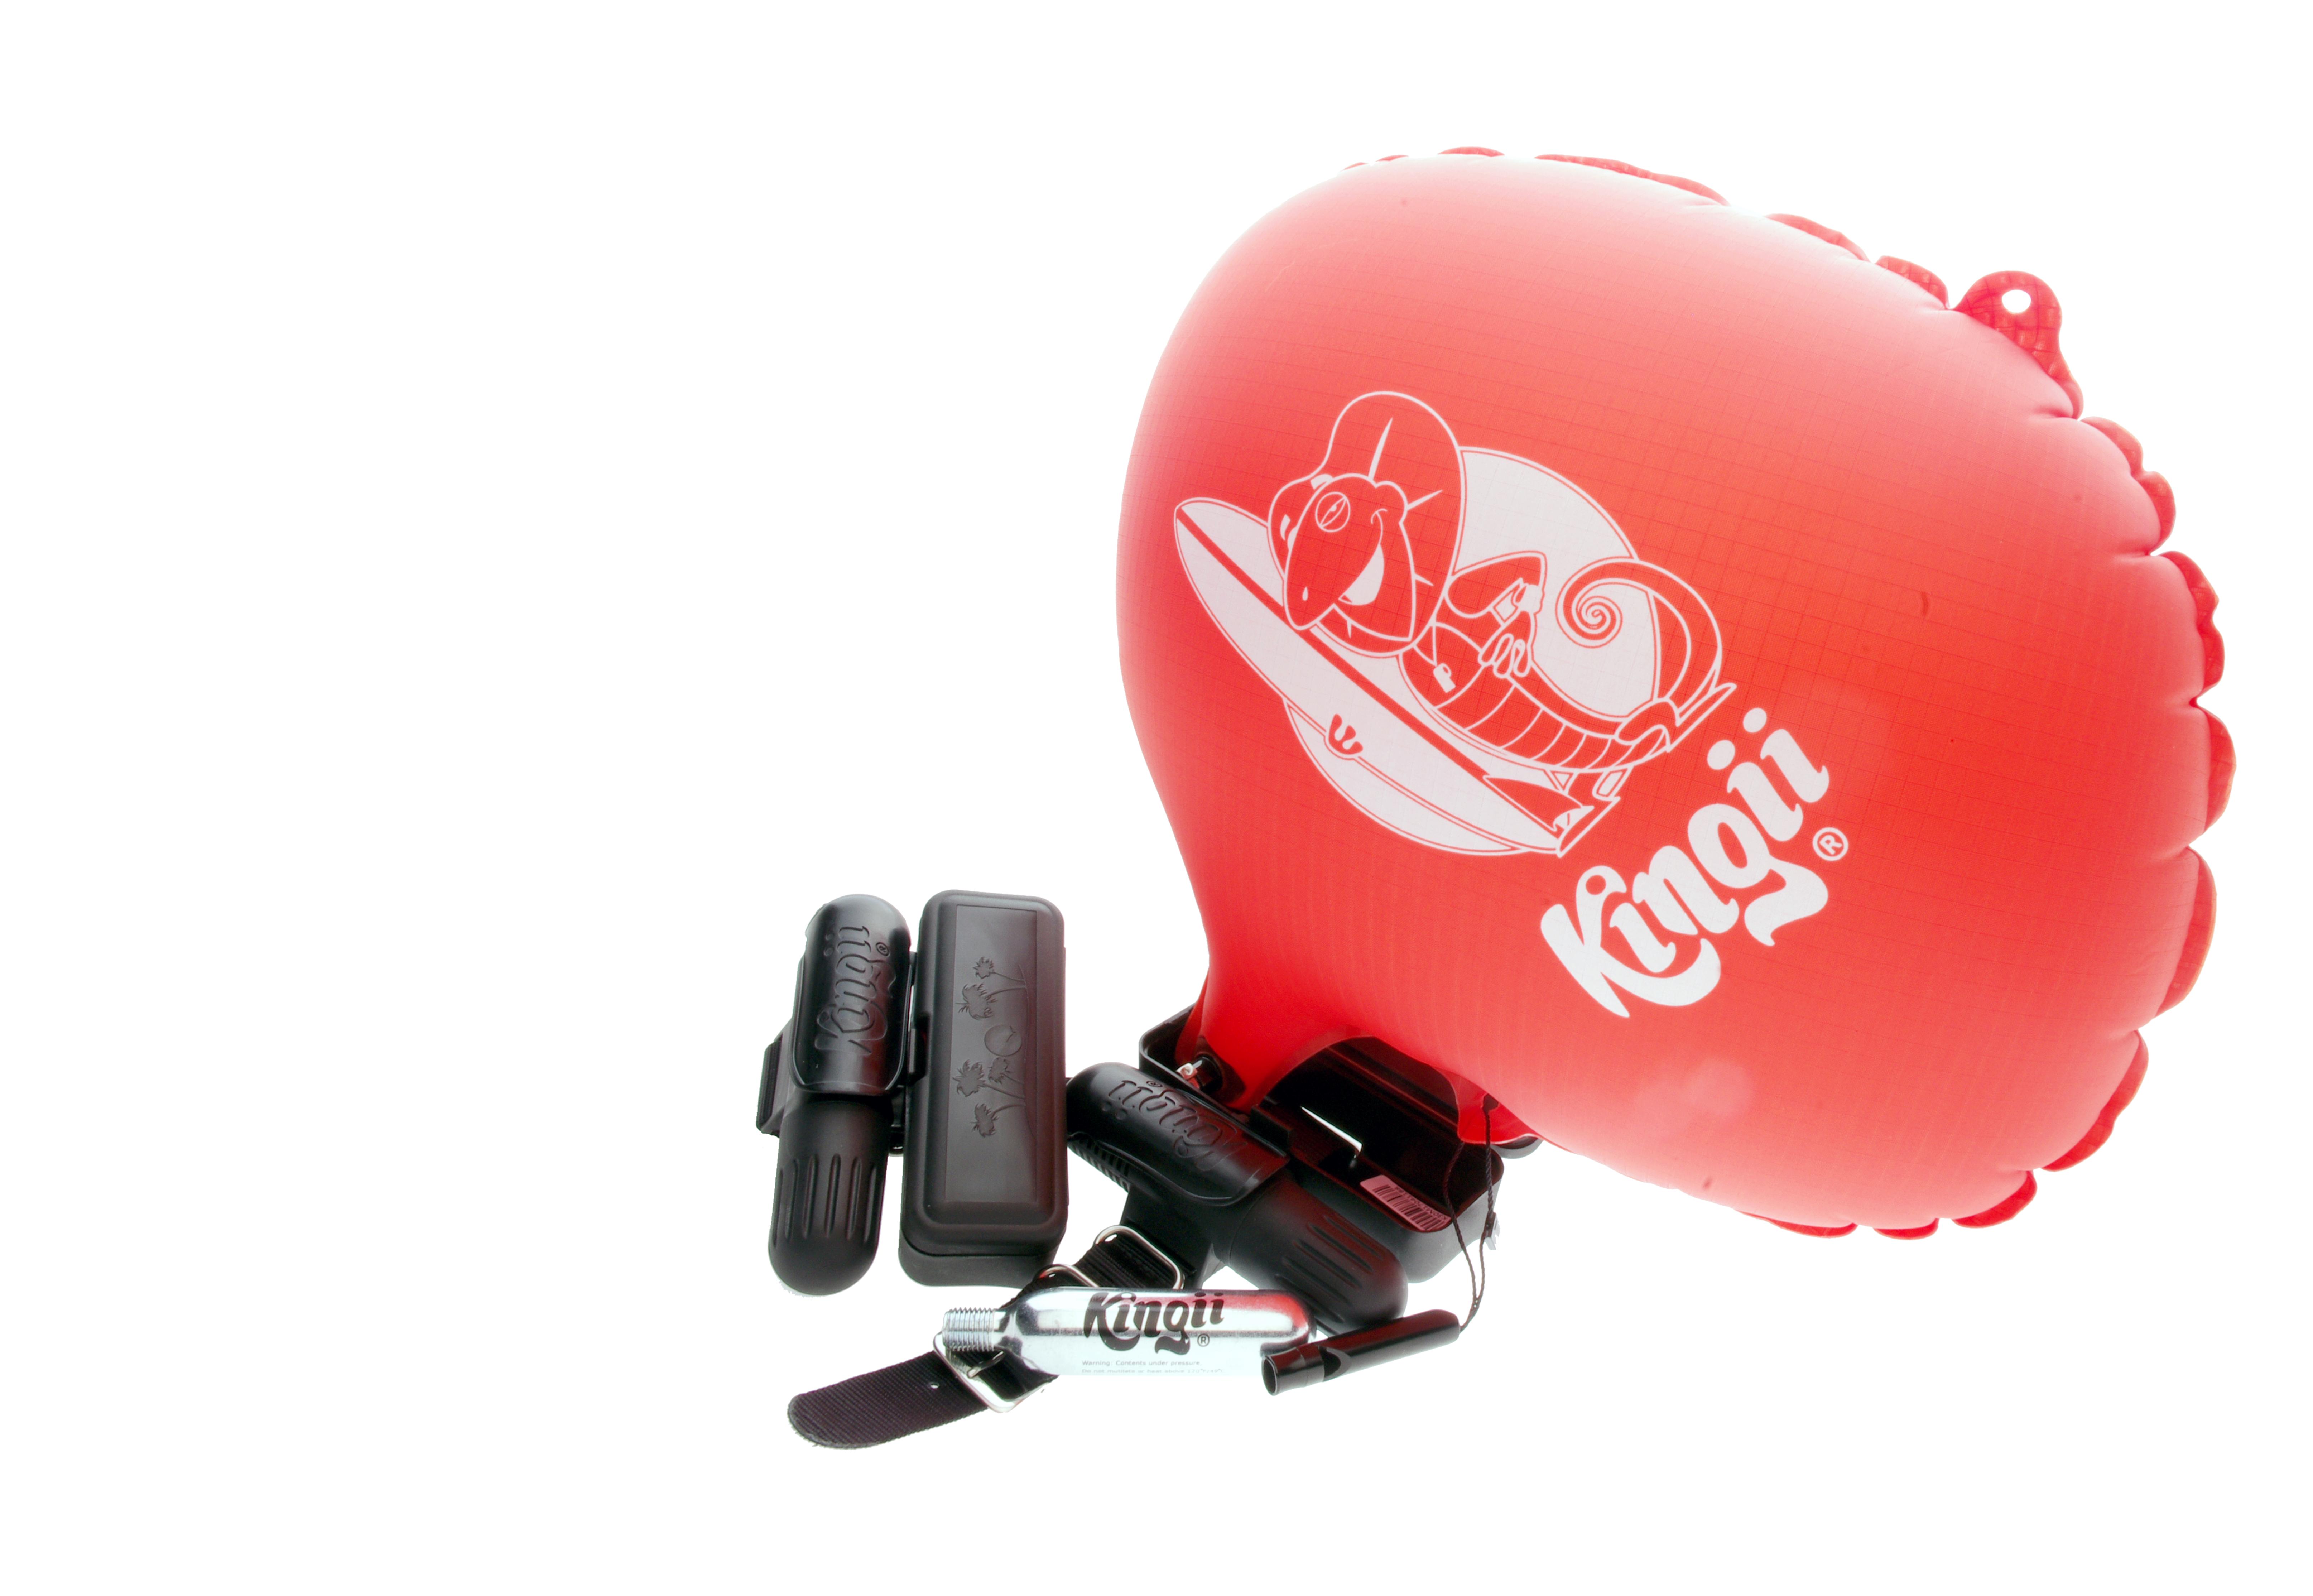 Kingii, dispositivo de seguridad, seguridad en el agua, deportes acuáticos, pulsera salvavidas